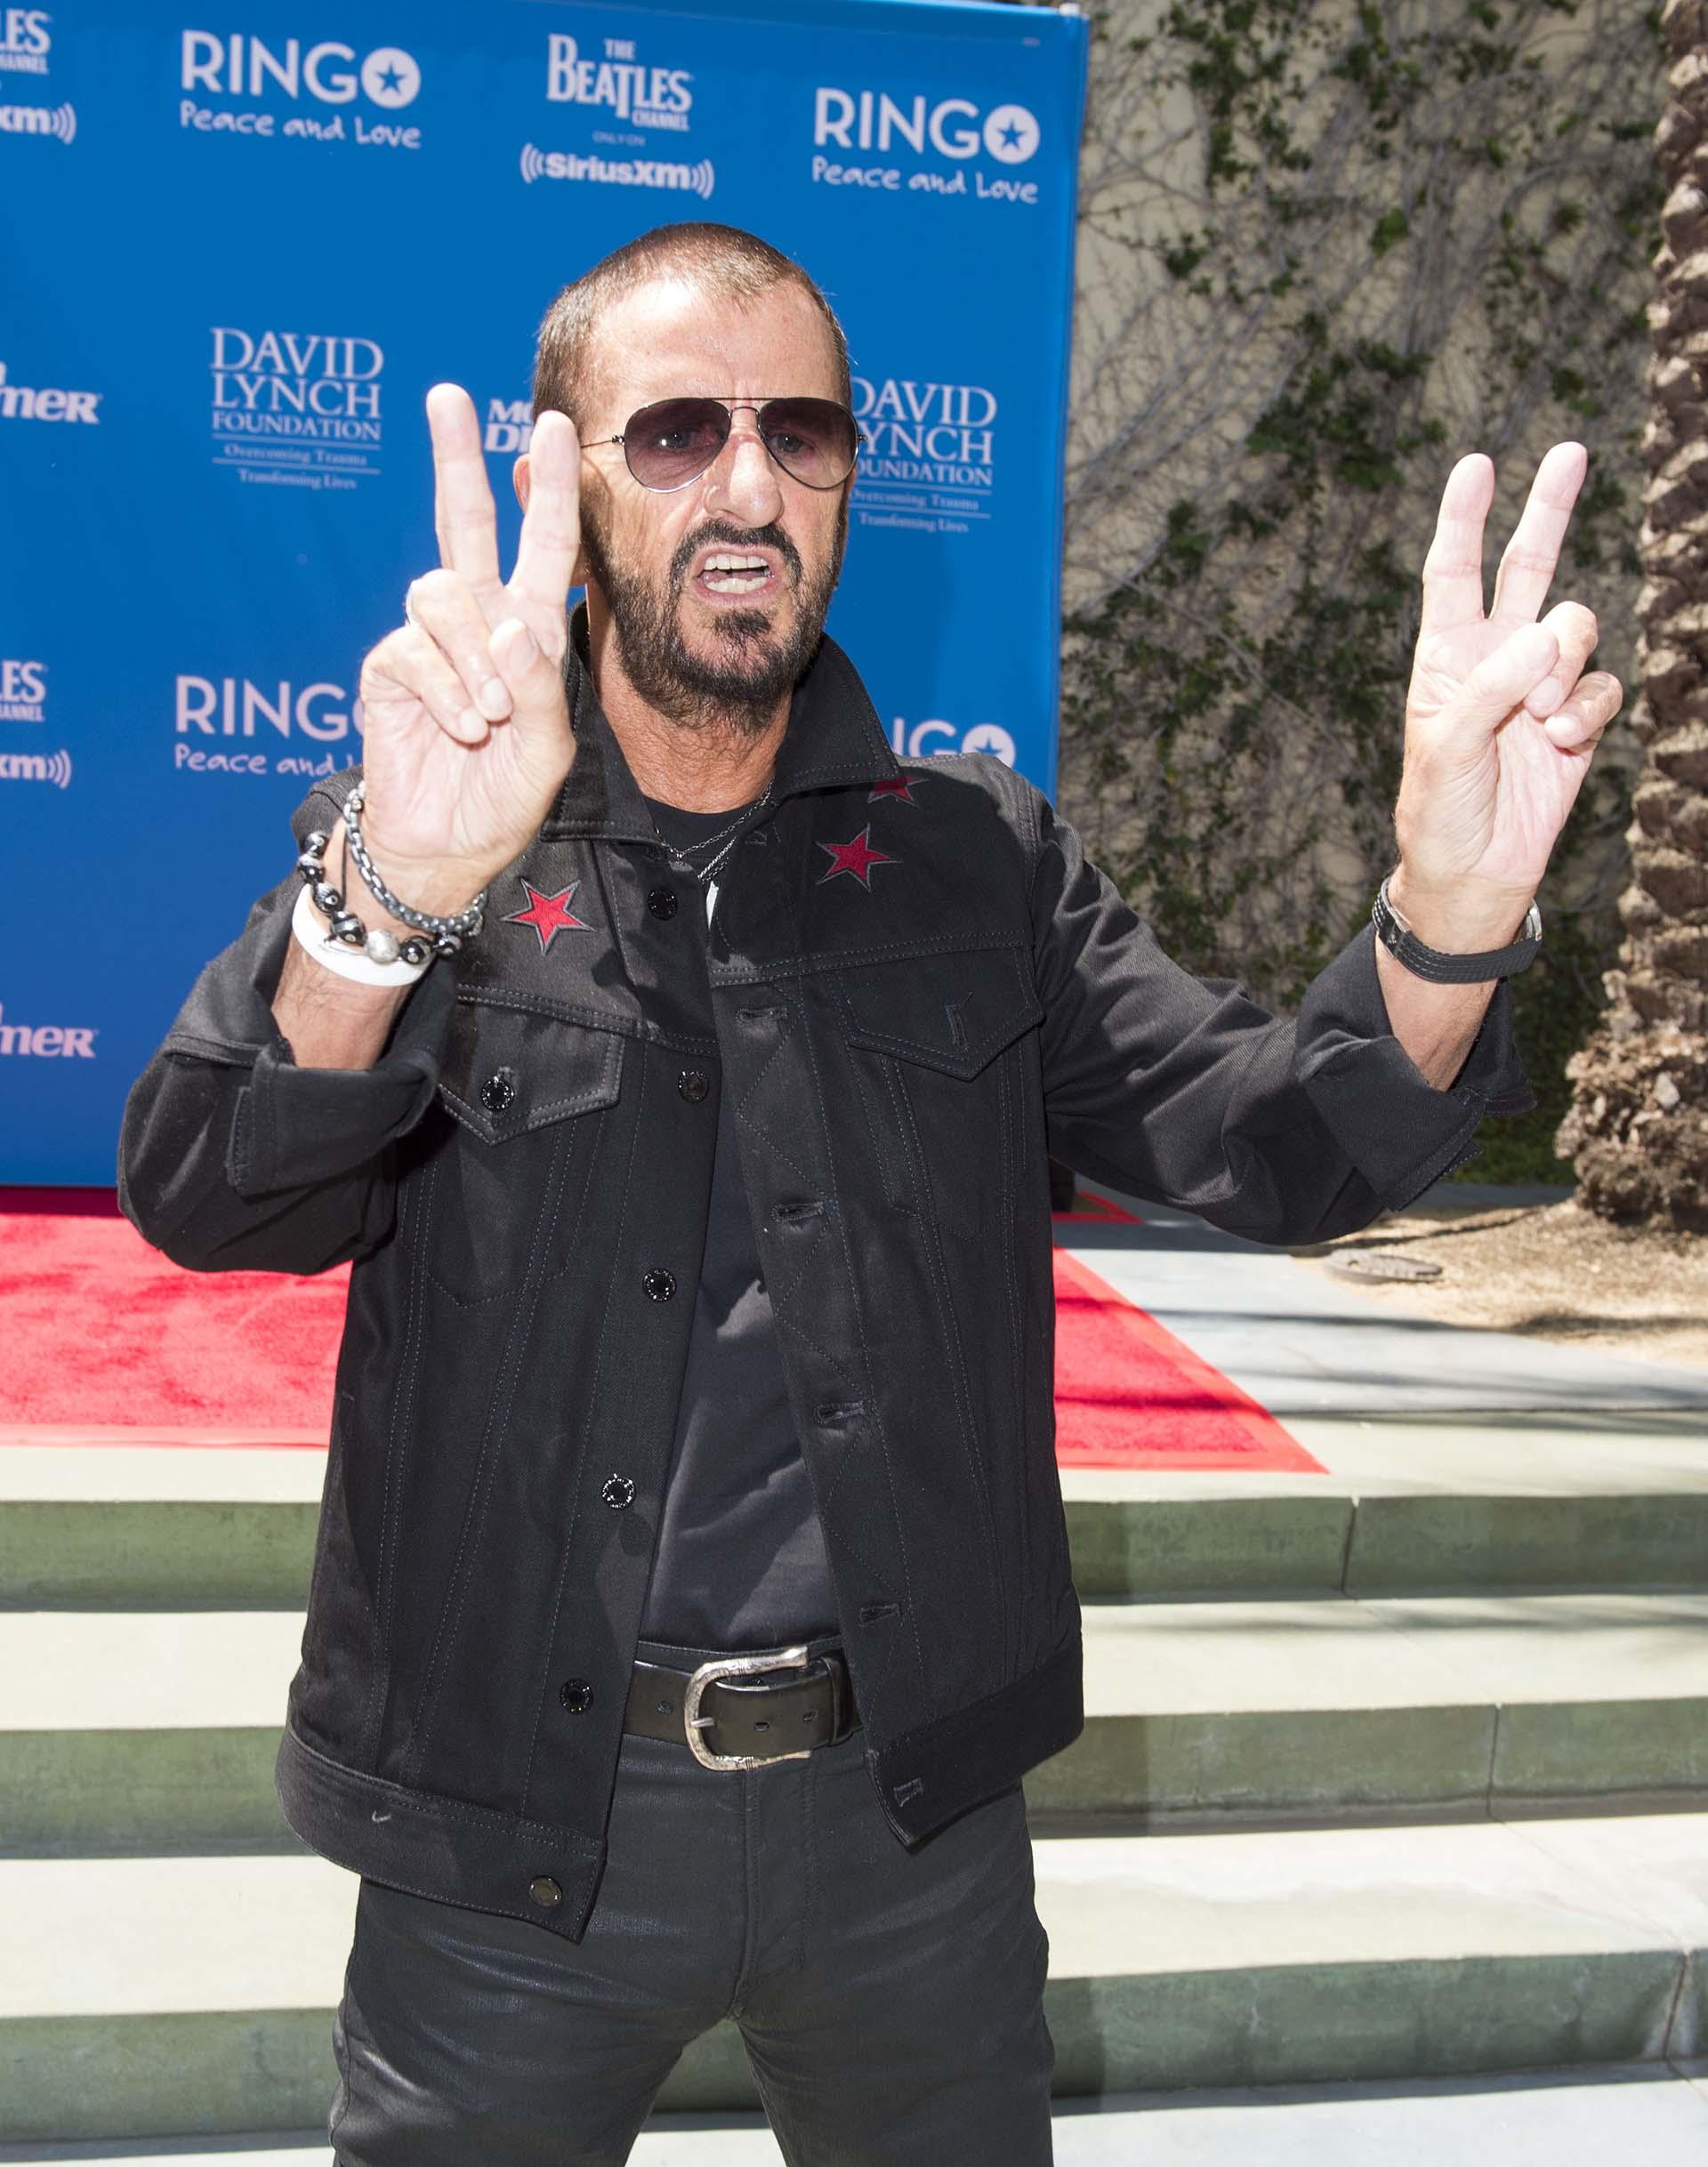 """Una vez más, Ringo Starr convocó a los invitados bajo el lema """"Paz y amor"""", al festejo que se llevó a cabo en Capital Records Tower, donde estuvo rodeado de los grandes personajes de la música y el espectáculo"""